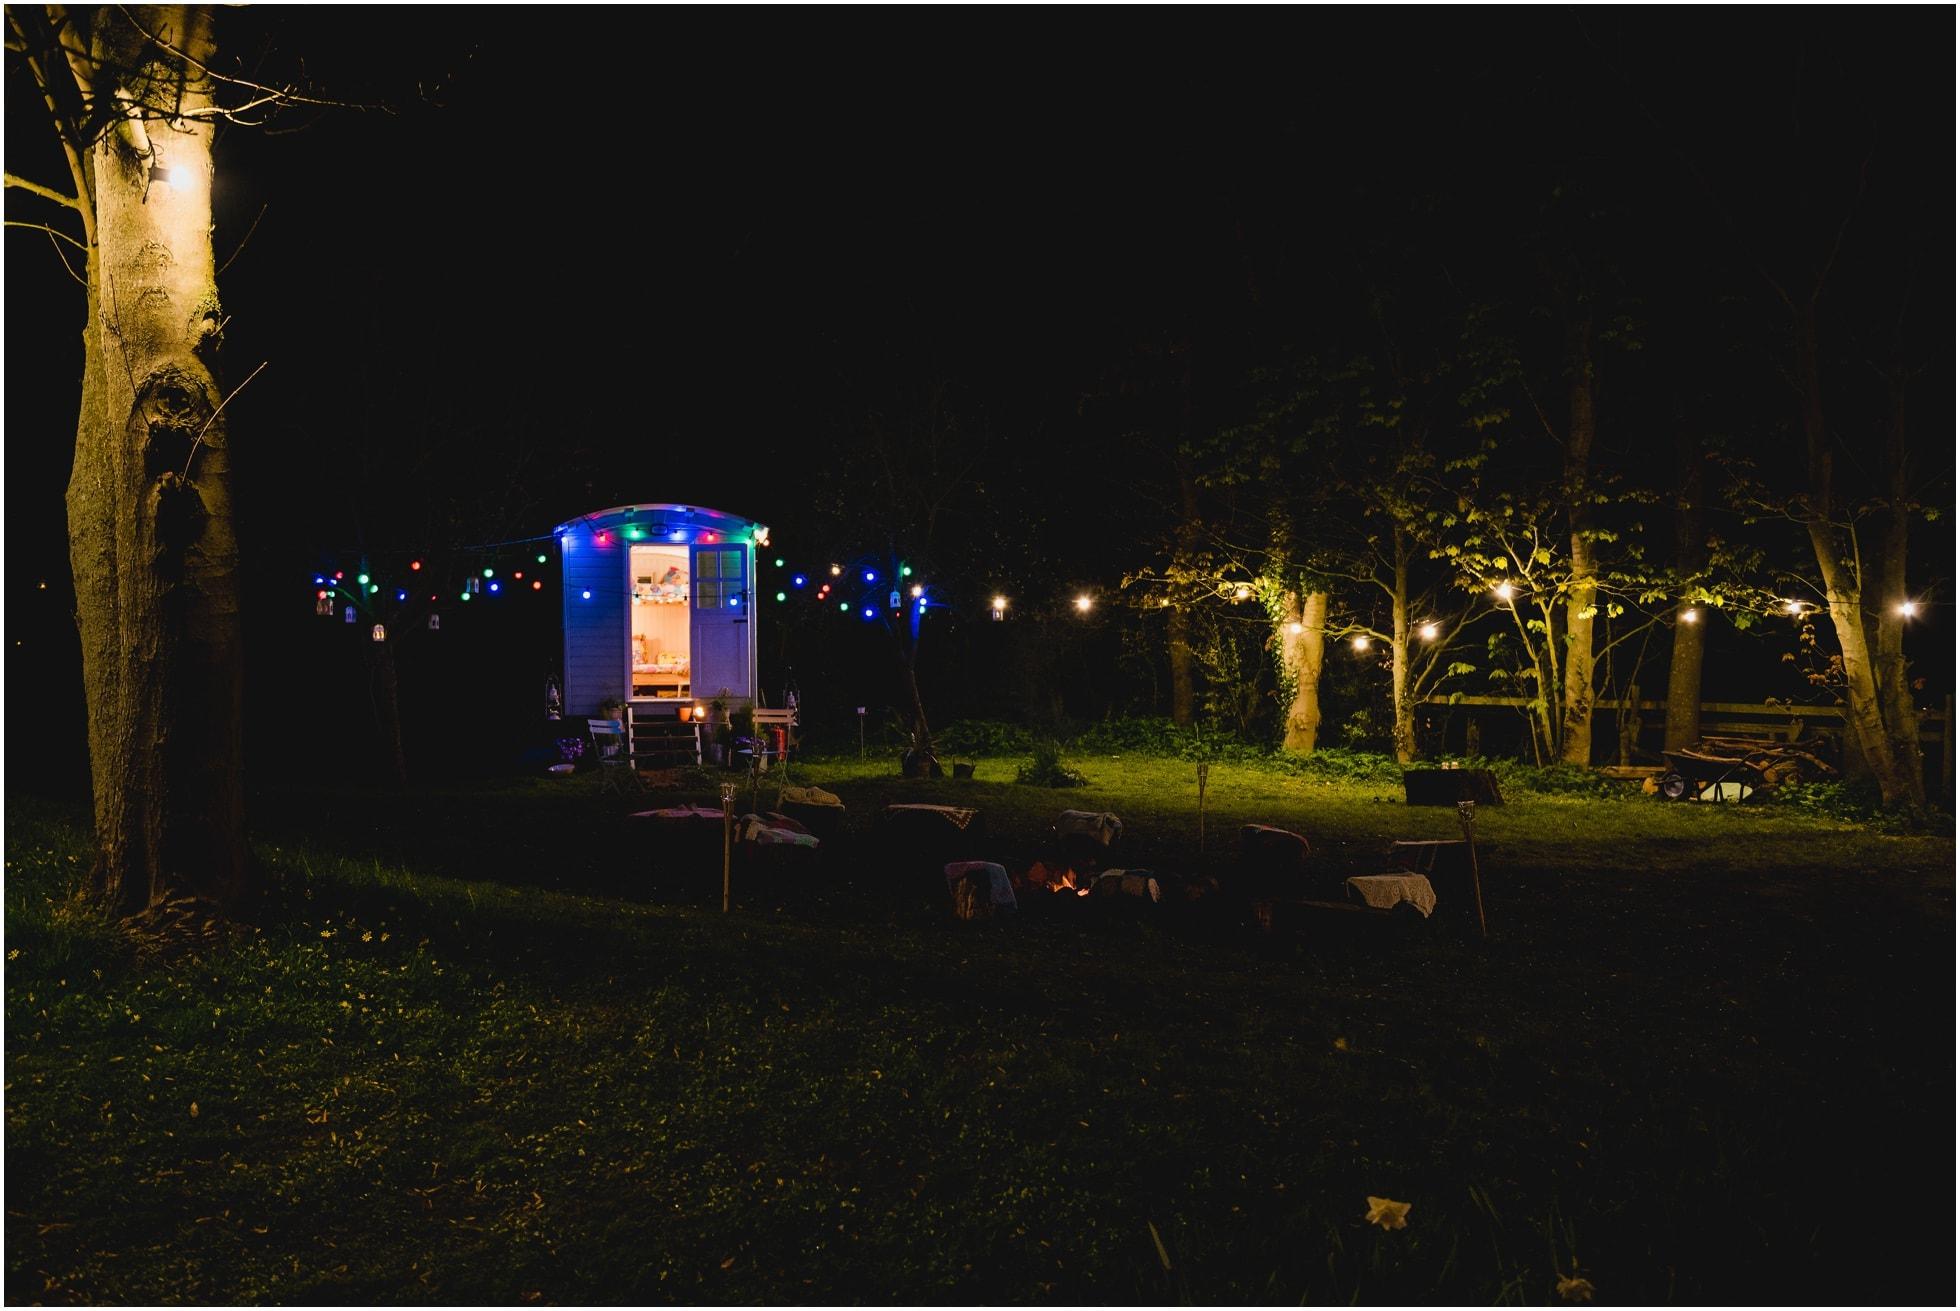 The Mill, Stillington York wedding venue in the evening.Gypsy caravan.